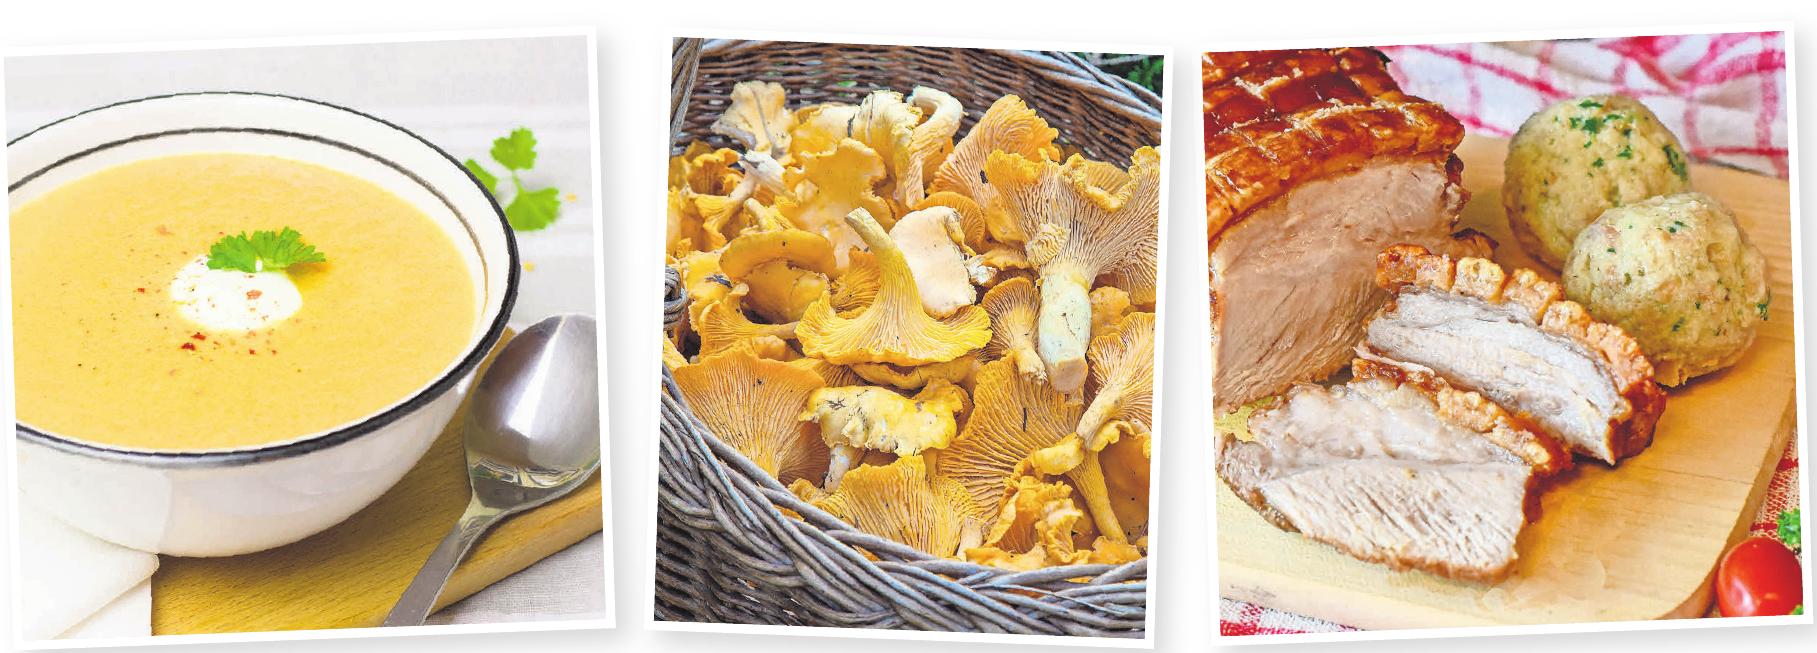 Tolle Farbe, feiner Geschmack: Kürbis lässt sich variantenreich zubereiten (Bilder von links). Frisch aus dem Wald: Pfifferlinge harmonieren mit der mediterranen Küche ebenso wie mit Wildgerichten. Beim ganz persönlichen Oktoberfest darf ein zünftiger Schweinebraten nicht fehlen.